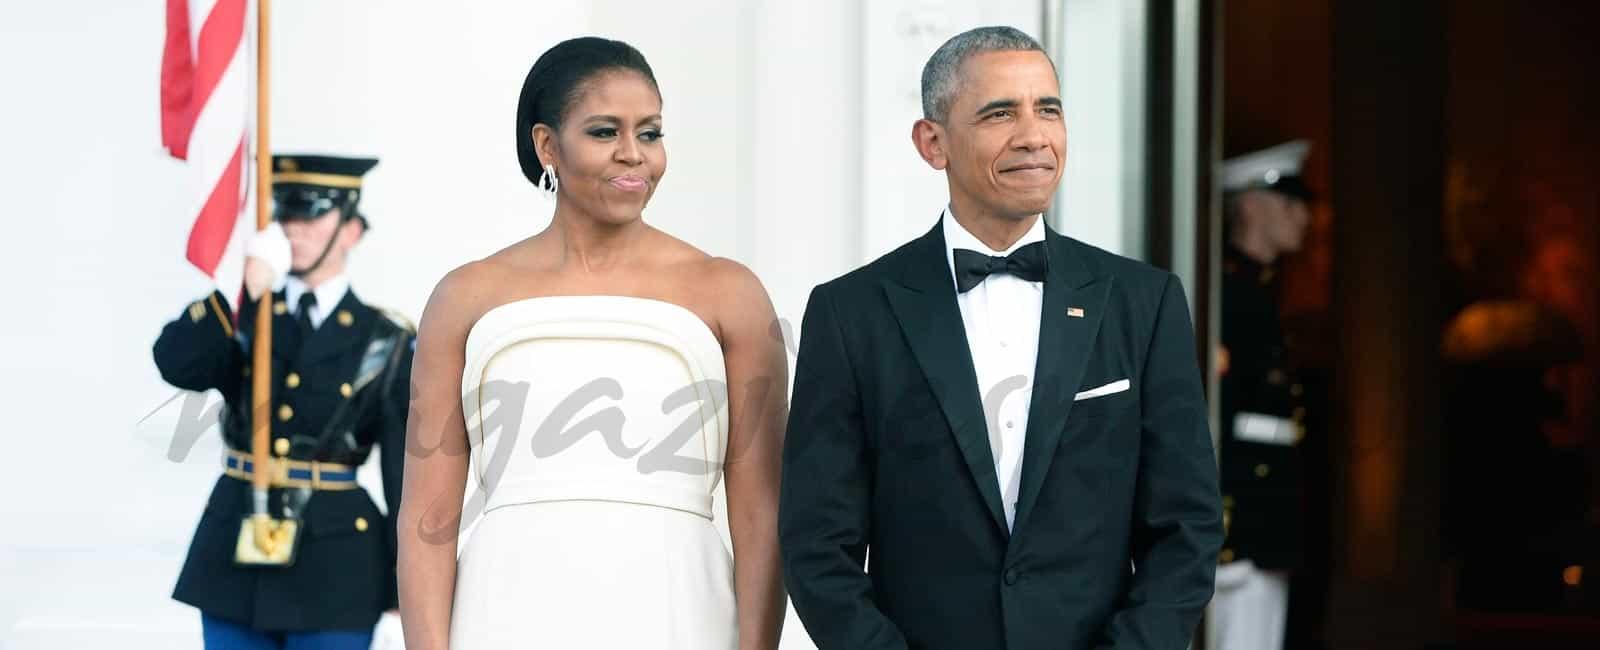 barack y michelle obama galeria de fotos